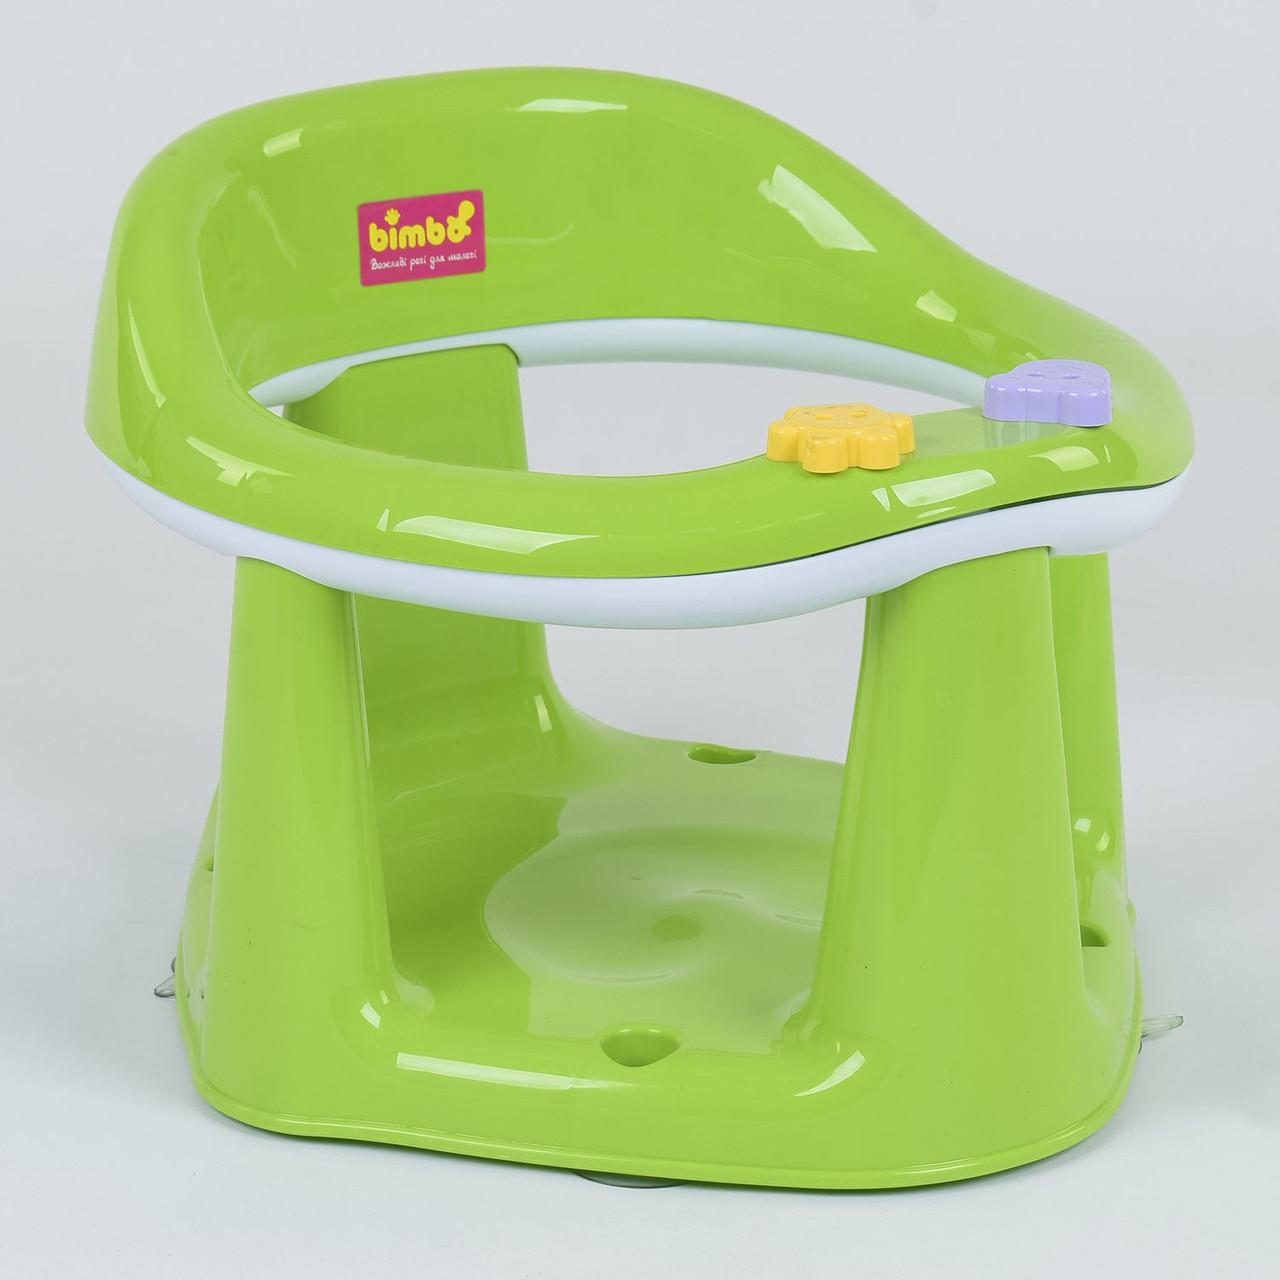 Дитяче сидіння для купання на присосках BM-03606 Green Гарантія якості Швидка доставка